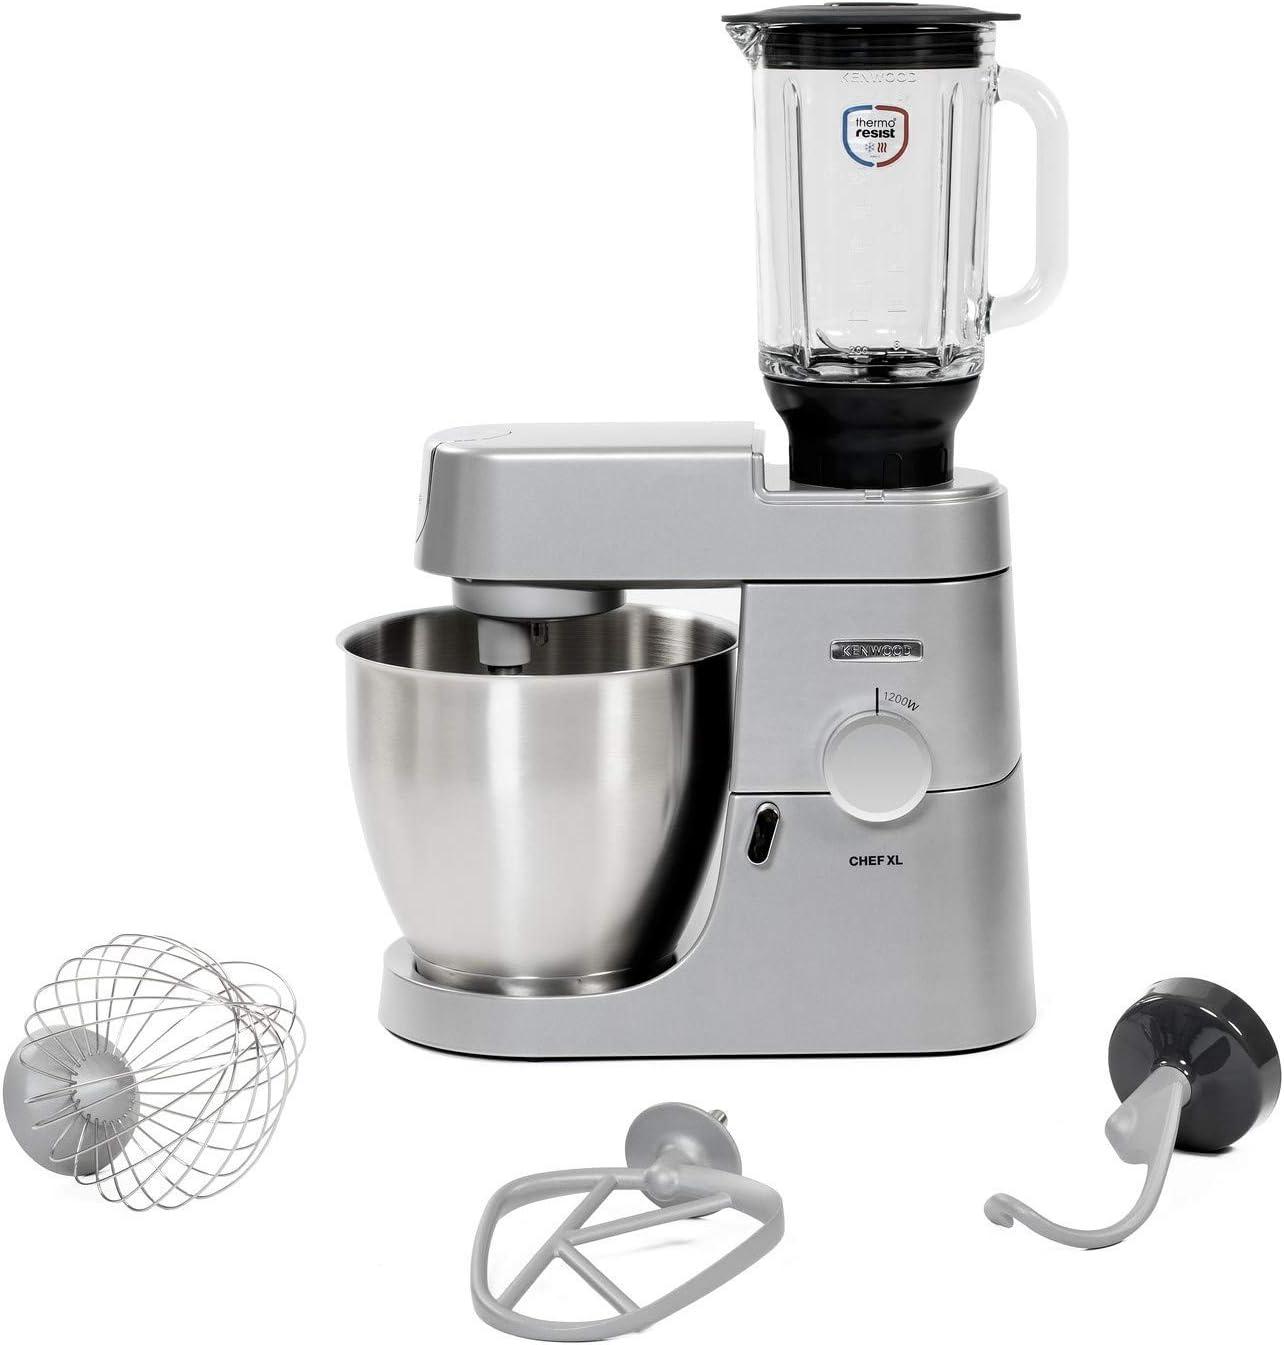 Kenwood Electronics Chef XL KVL4125S - Robot de cocina (6,7 L, Plata, Giratorio, Batir, Mezcla, Amasar, Mezcla, Acero inoxidable, Metal): Amazon.es: Hogar